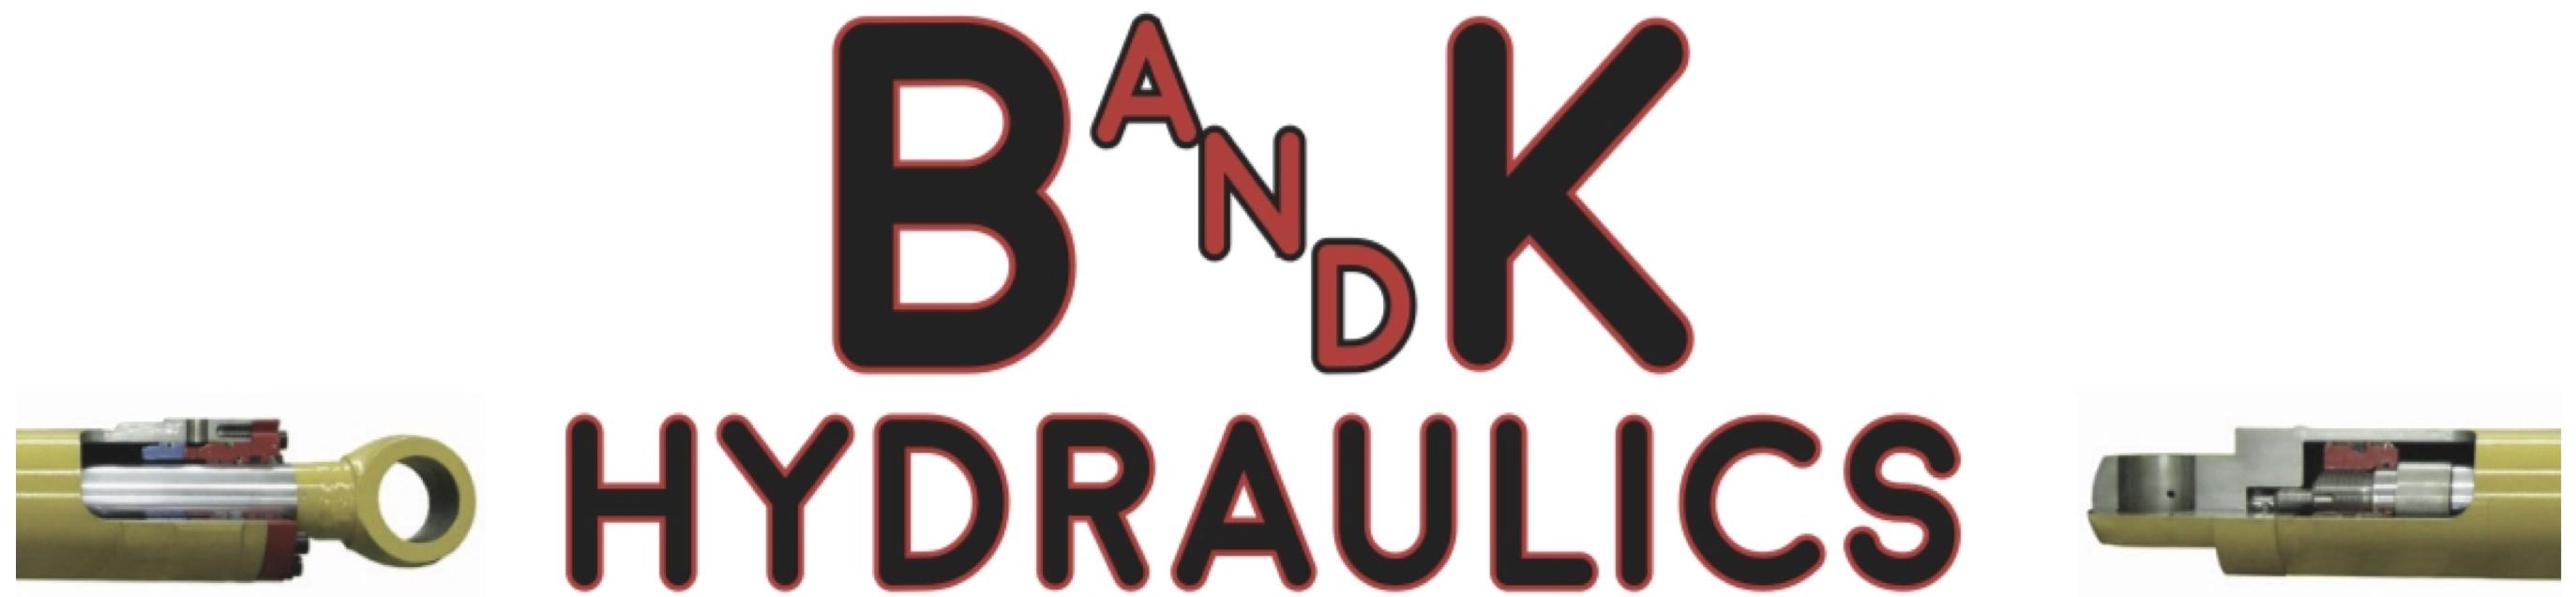 B&K Hydraulics logo